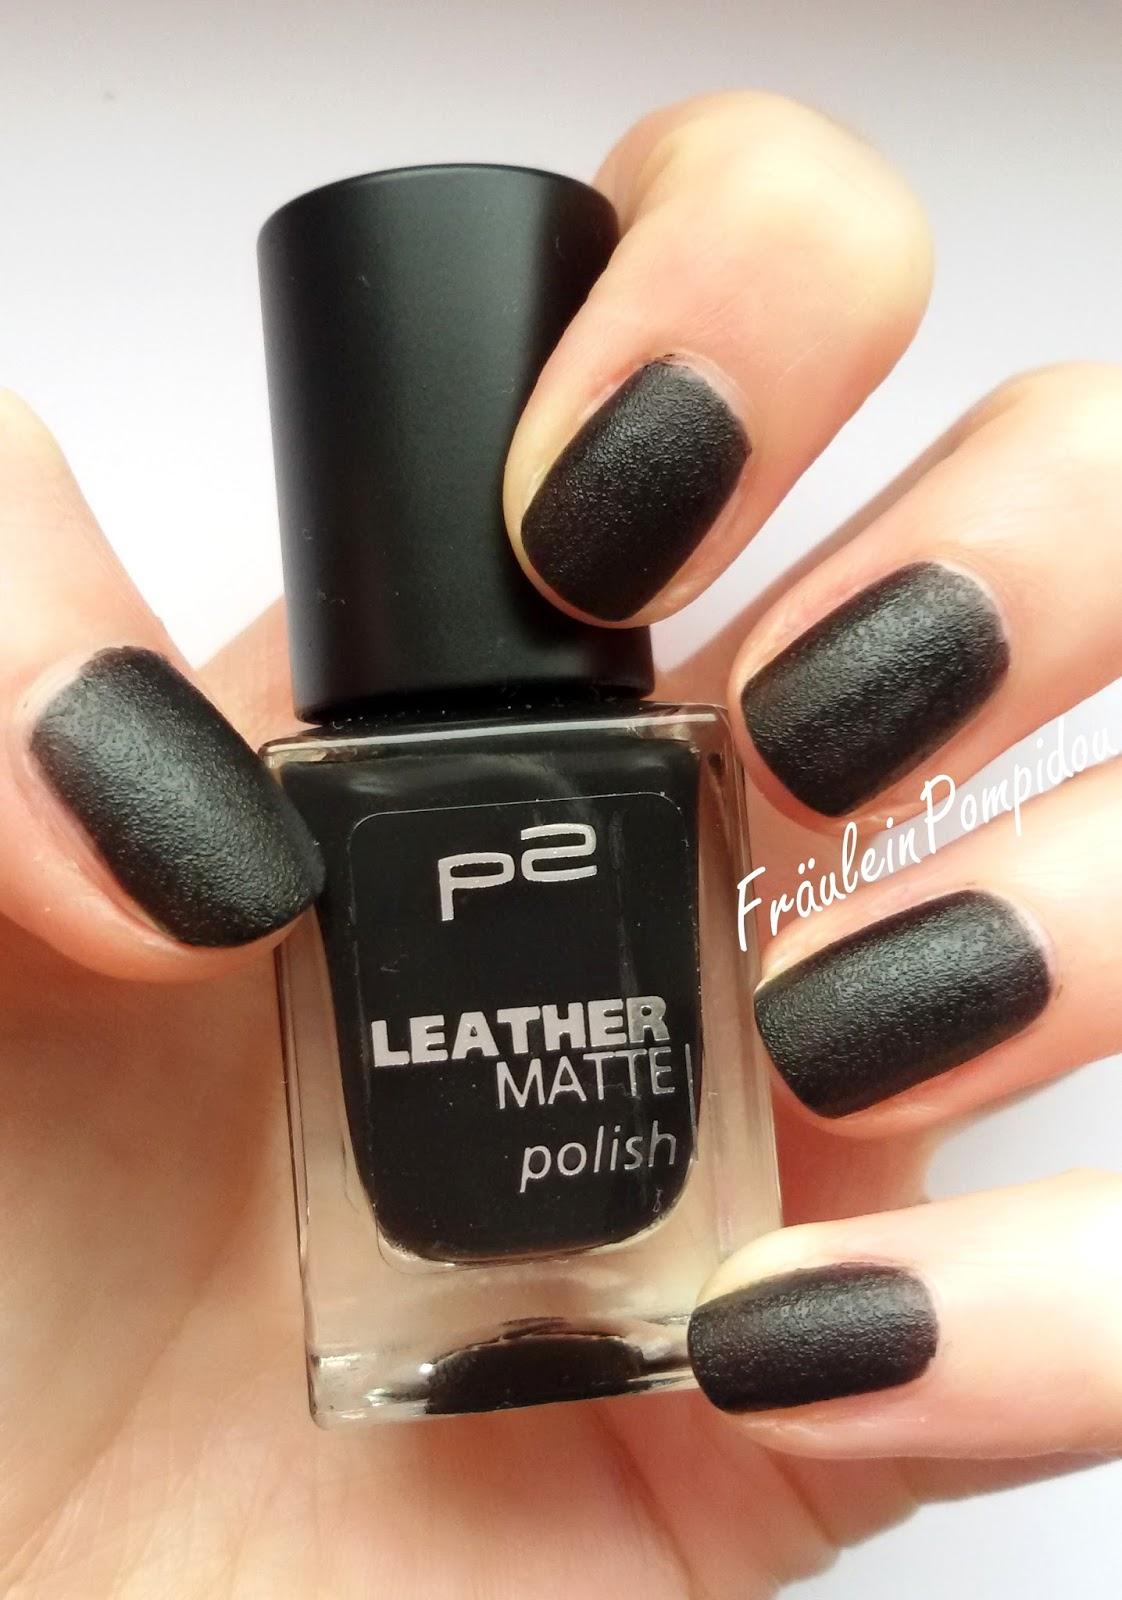 Fräulein Pompidou - Nagellack und mehr: P2 Leather Matte Polish ...